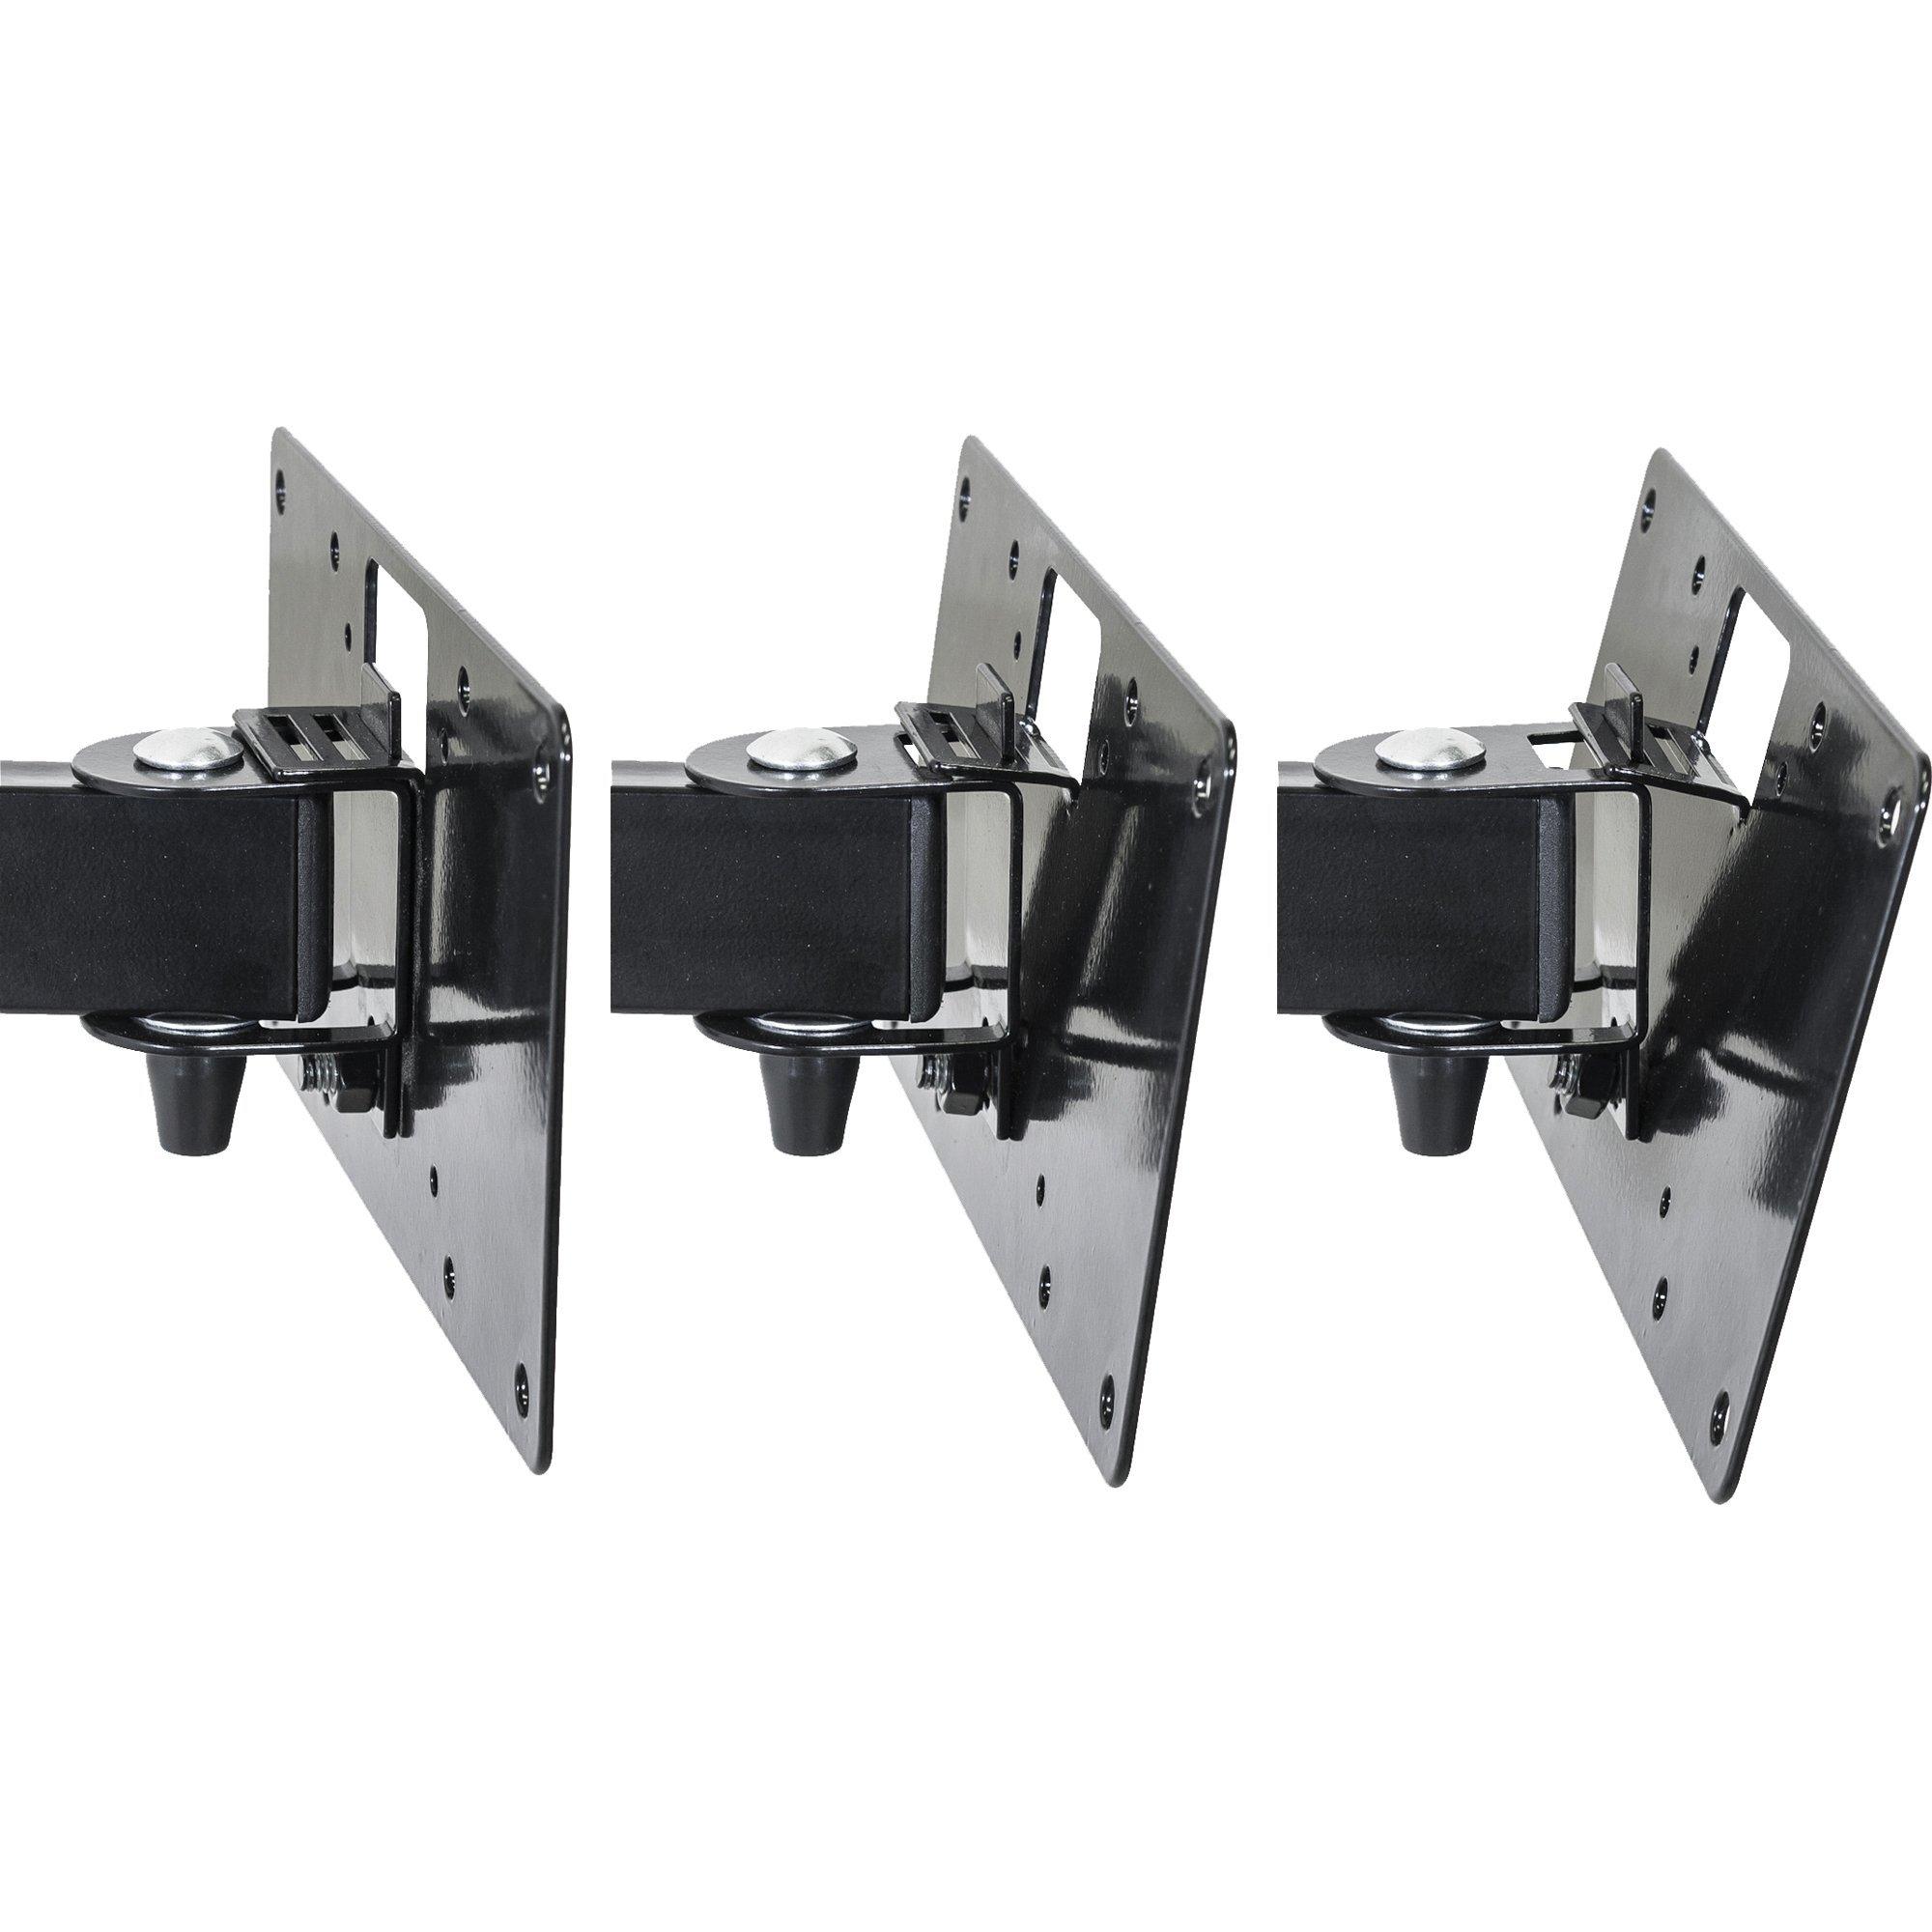 suporte articulado novo multivisao 56 stpaeco tv 14 a 42142 2000 183405